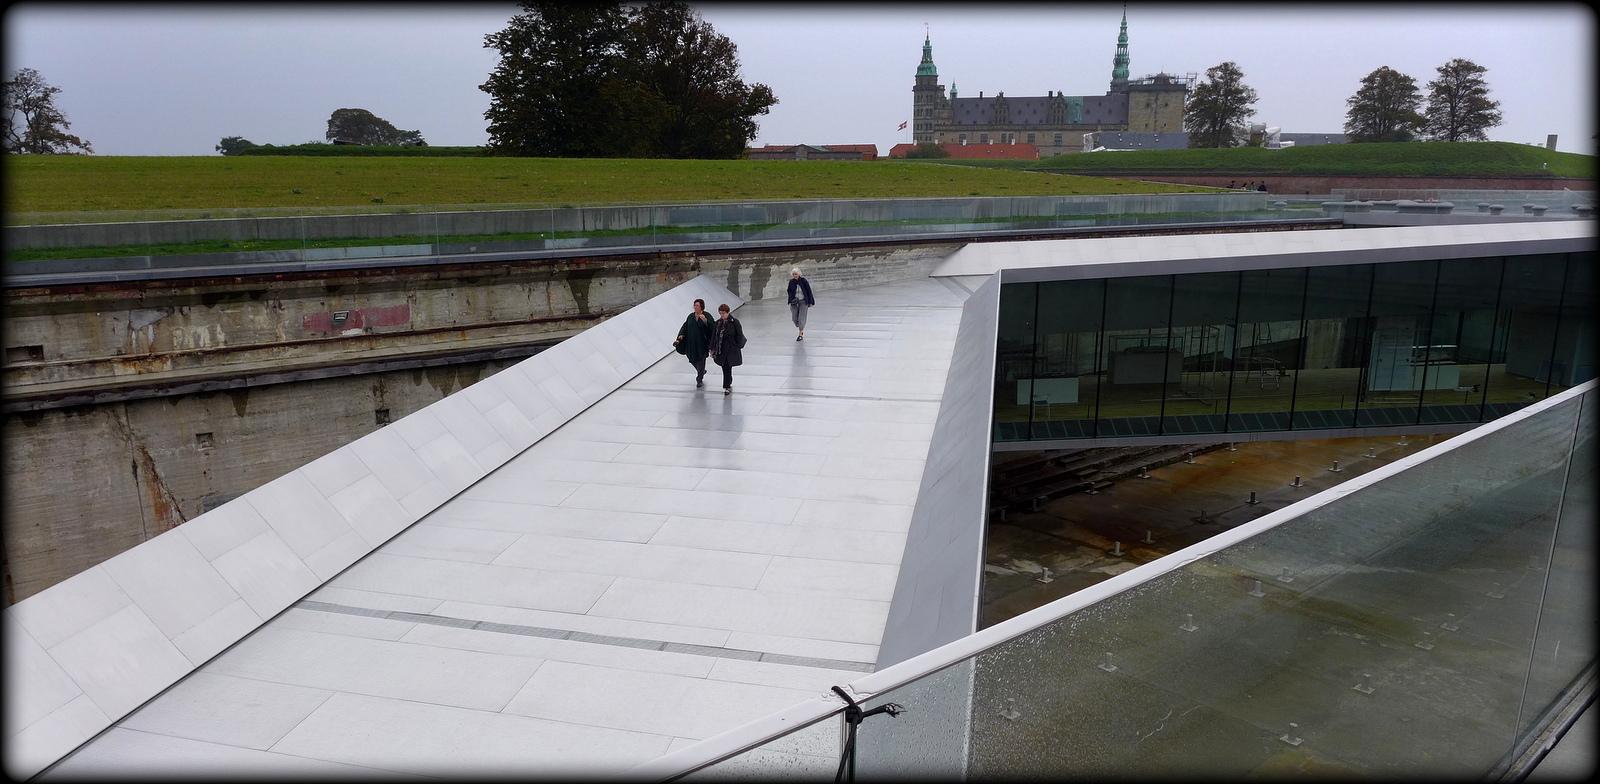 søfartsmuseet i helsingør